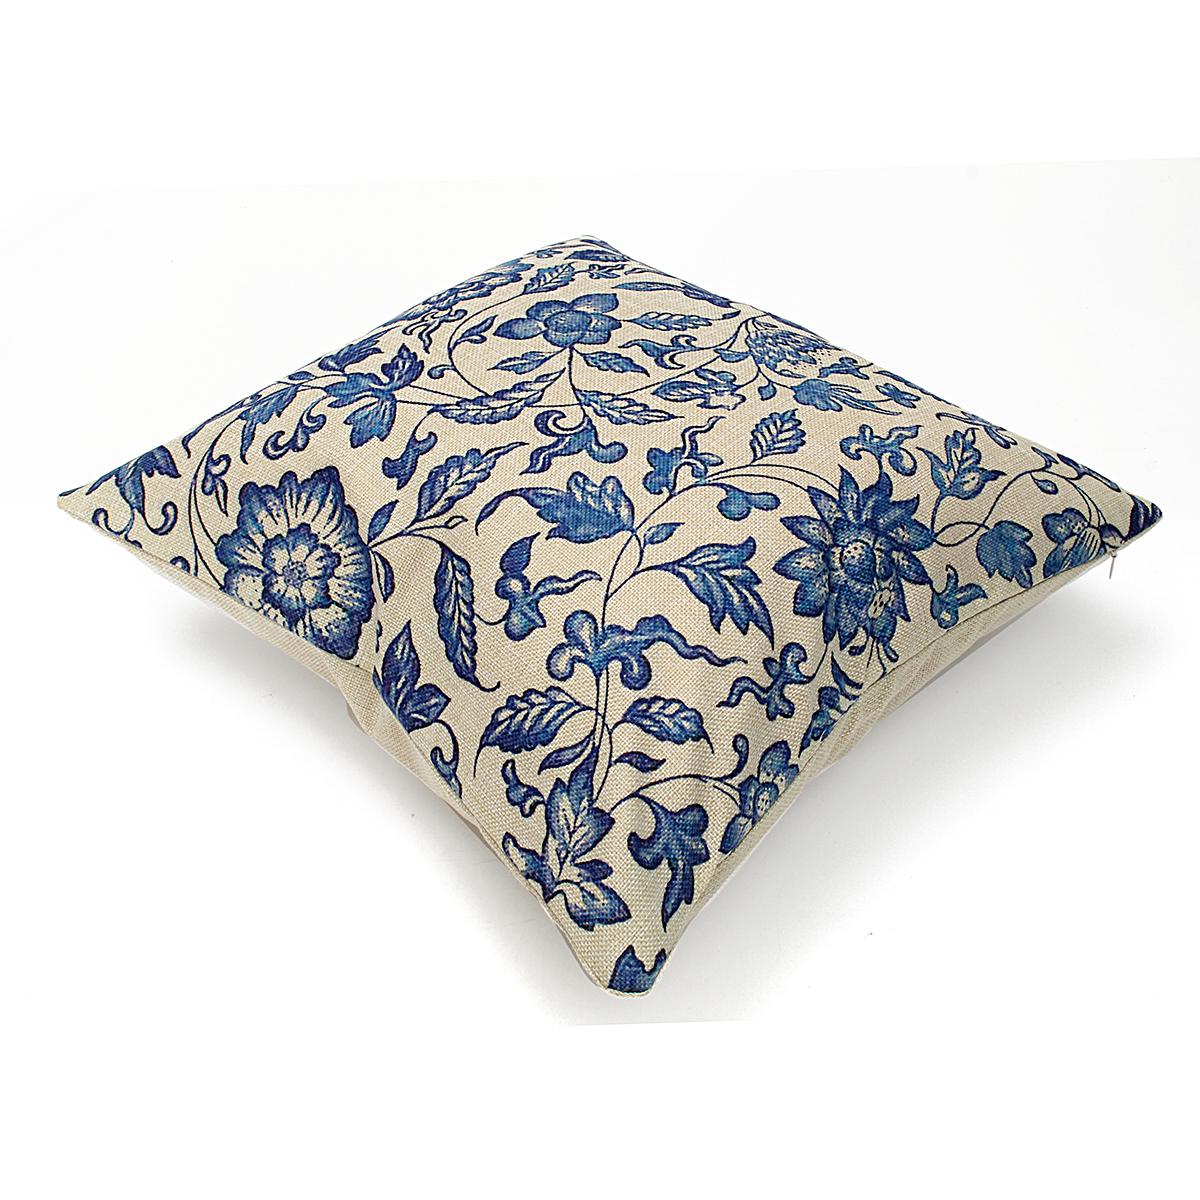 45x45cm Vintage Oriental Retro Blue Floral Linen Pillow Case Cushion Cover Home Decor